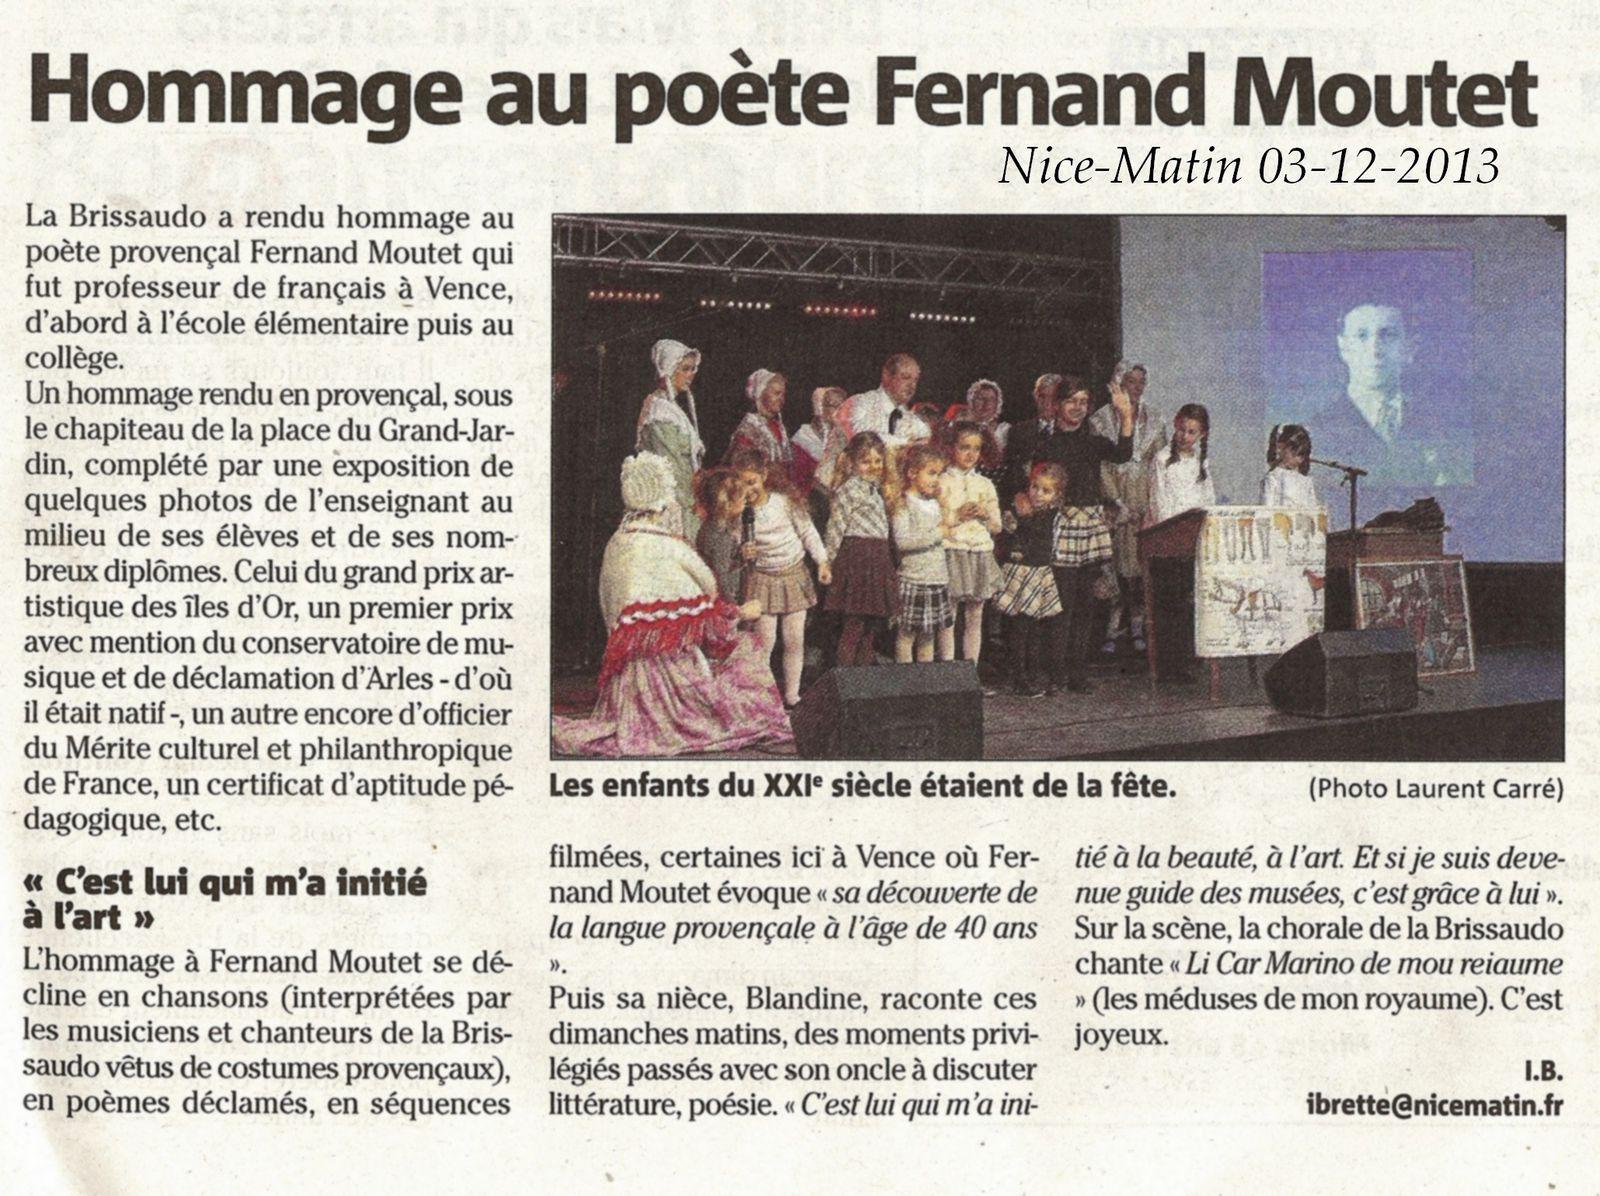 Les médias relatent l'hommage à Fernand Moutet